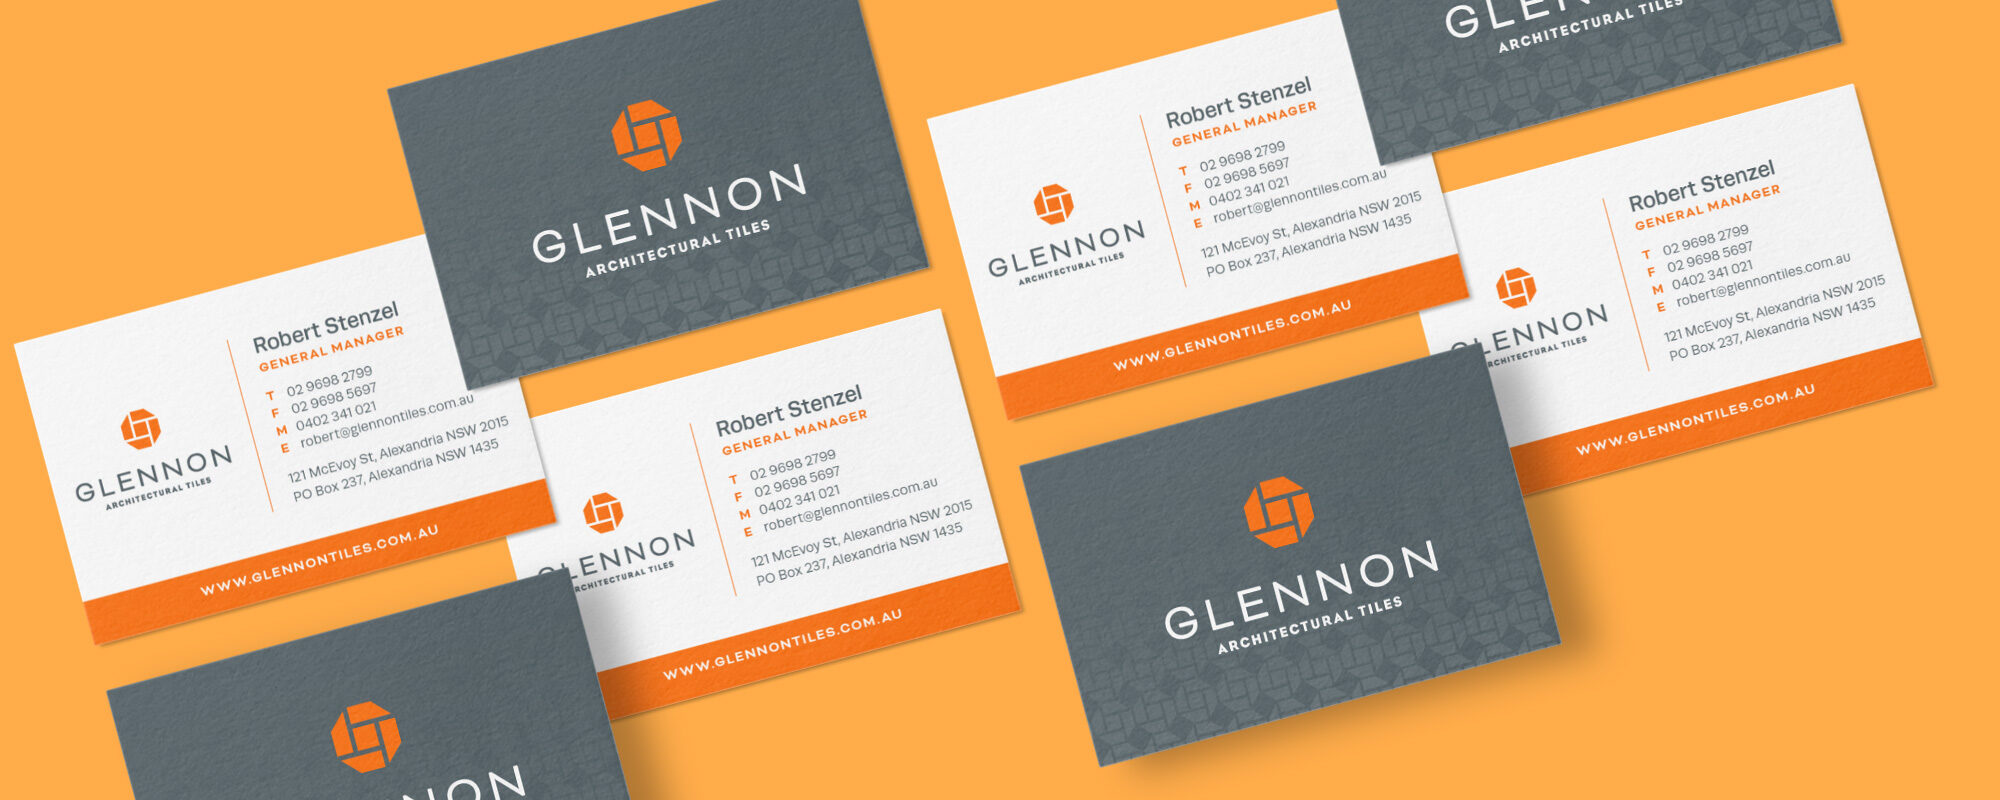 Glennon Tiles business card design